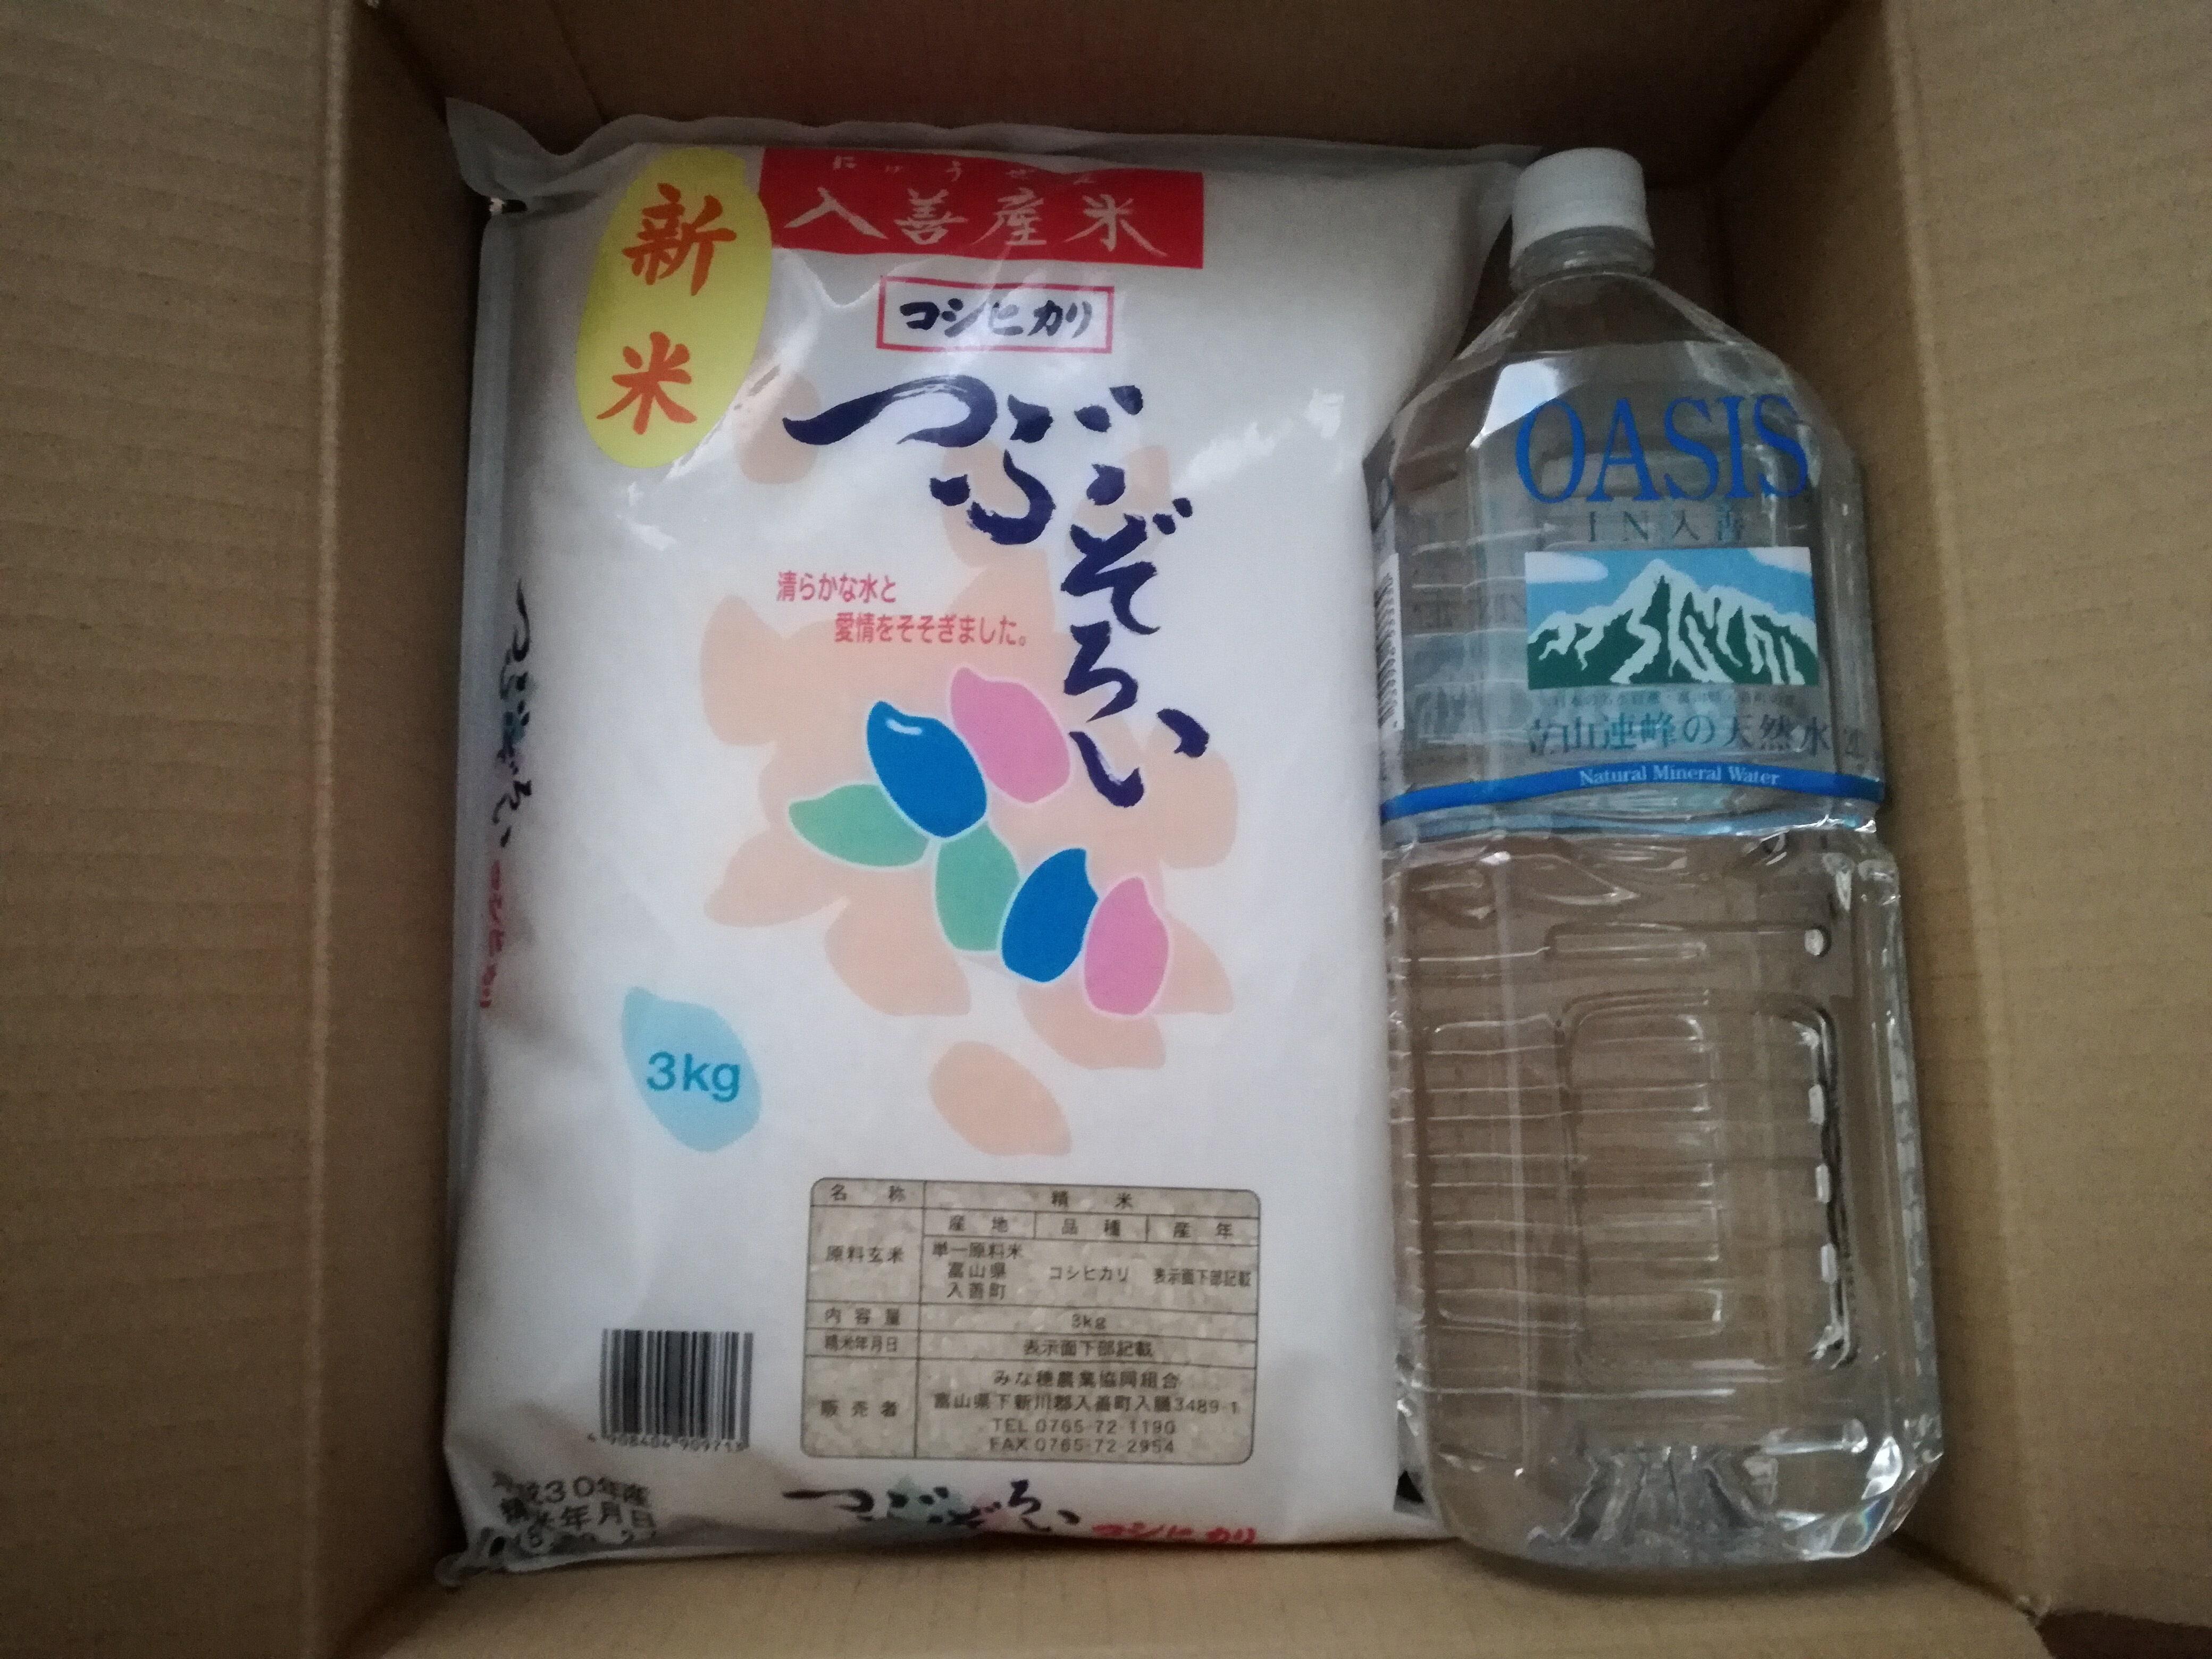 3月権利の田中精密工業(7218)から株主優待の富山県入善産コシヒカリ新米と天然水が到着!